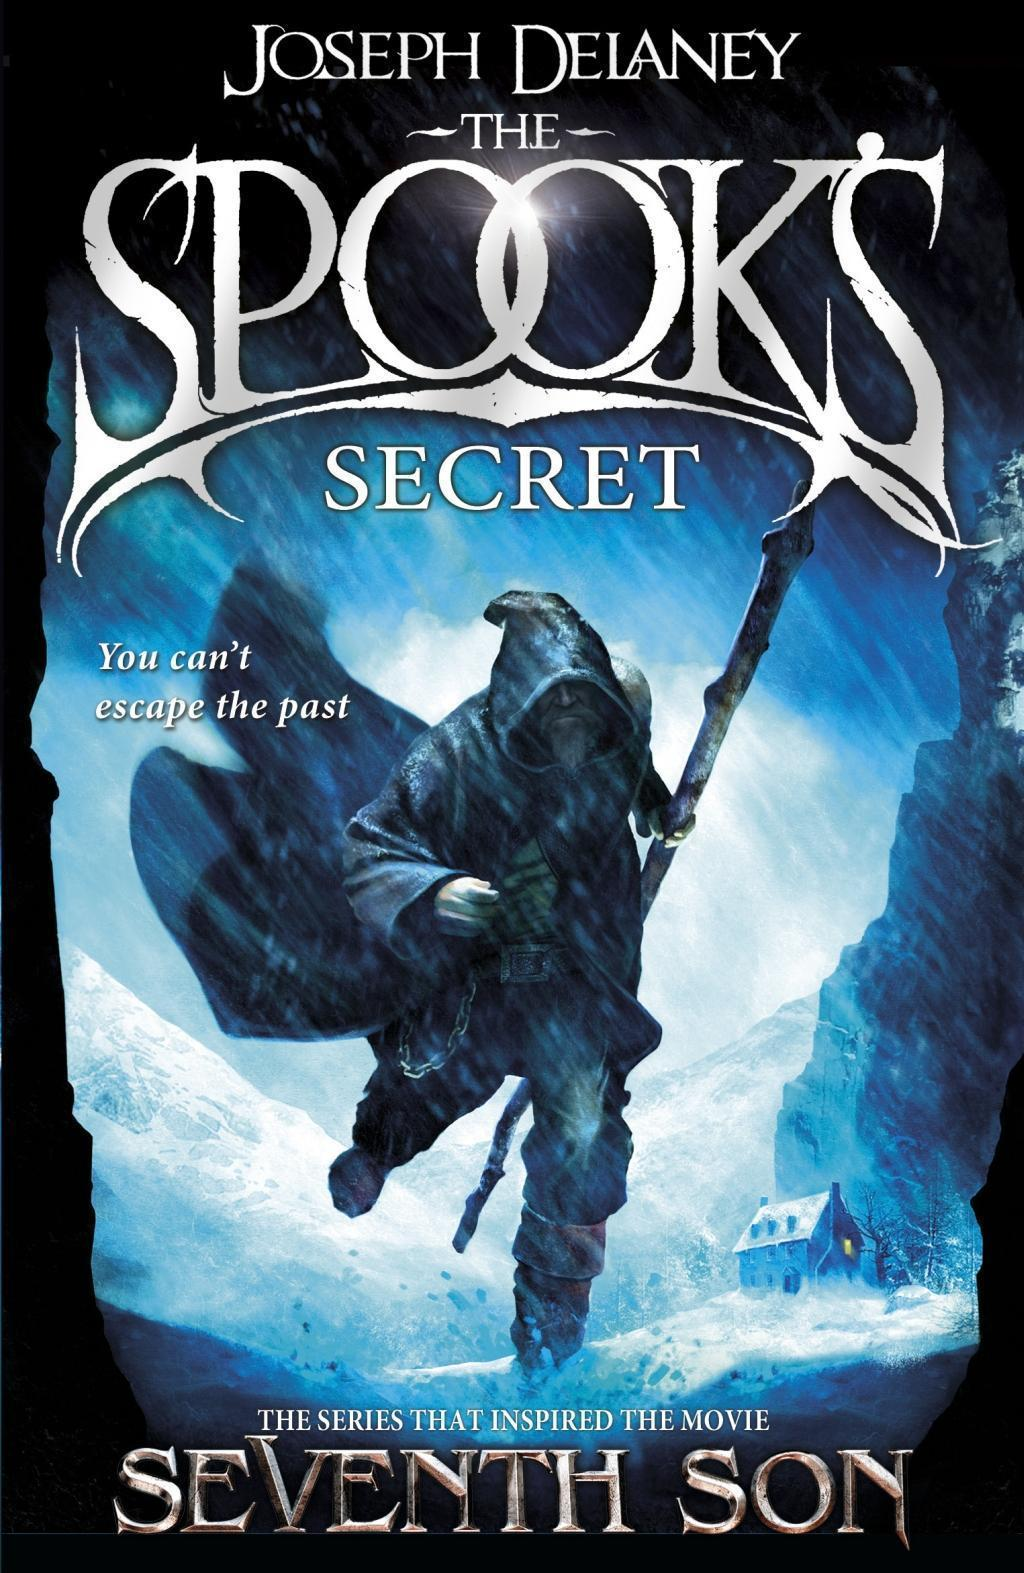 The Spook's Secret